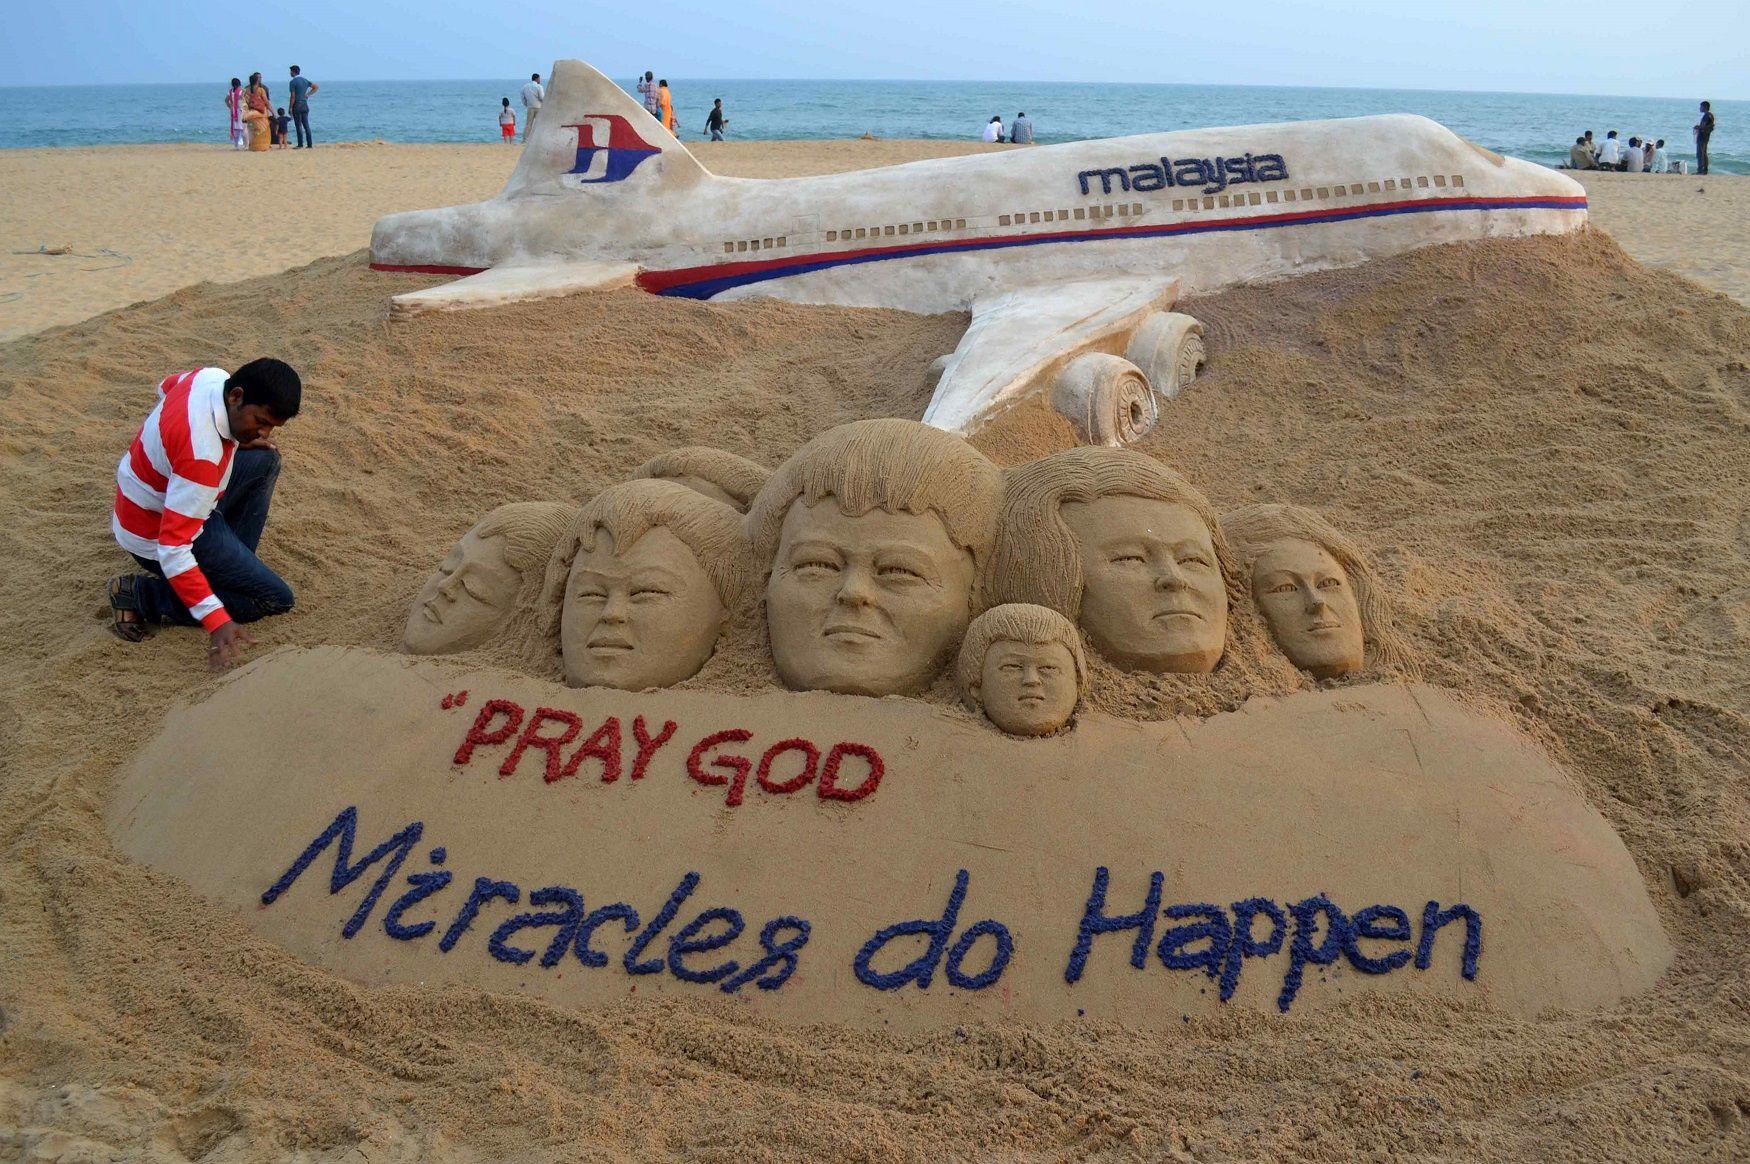 Une semaine après la disparition de l'avion de Malaysia Airlines, le mystère n'est pas encore résolu.